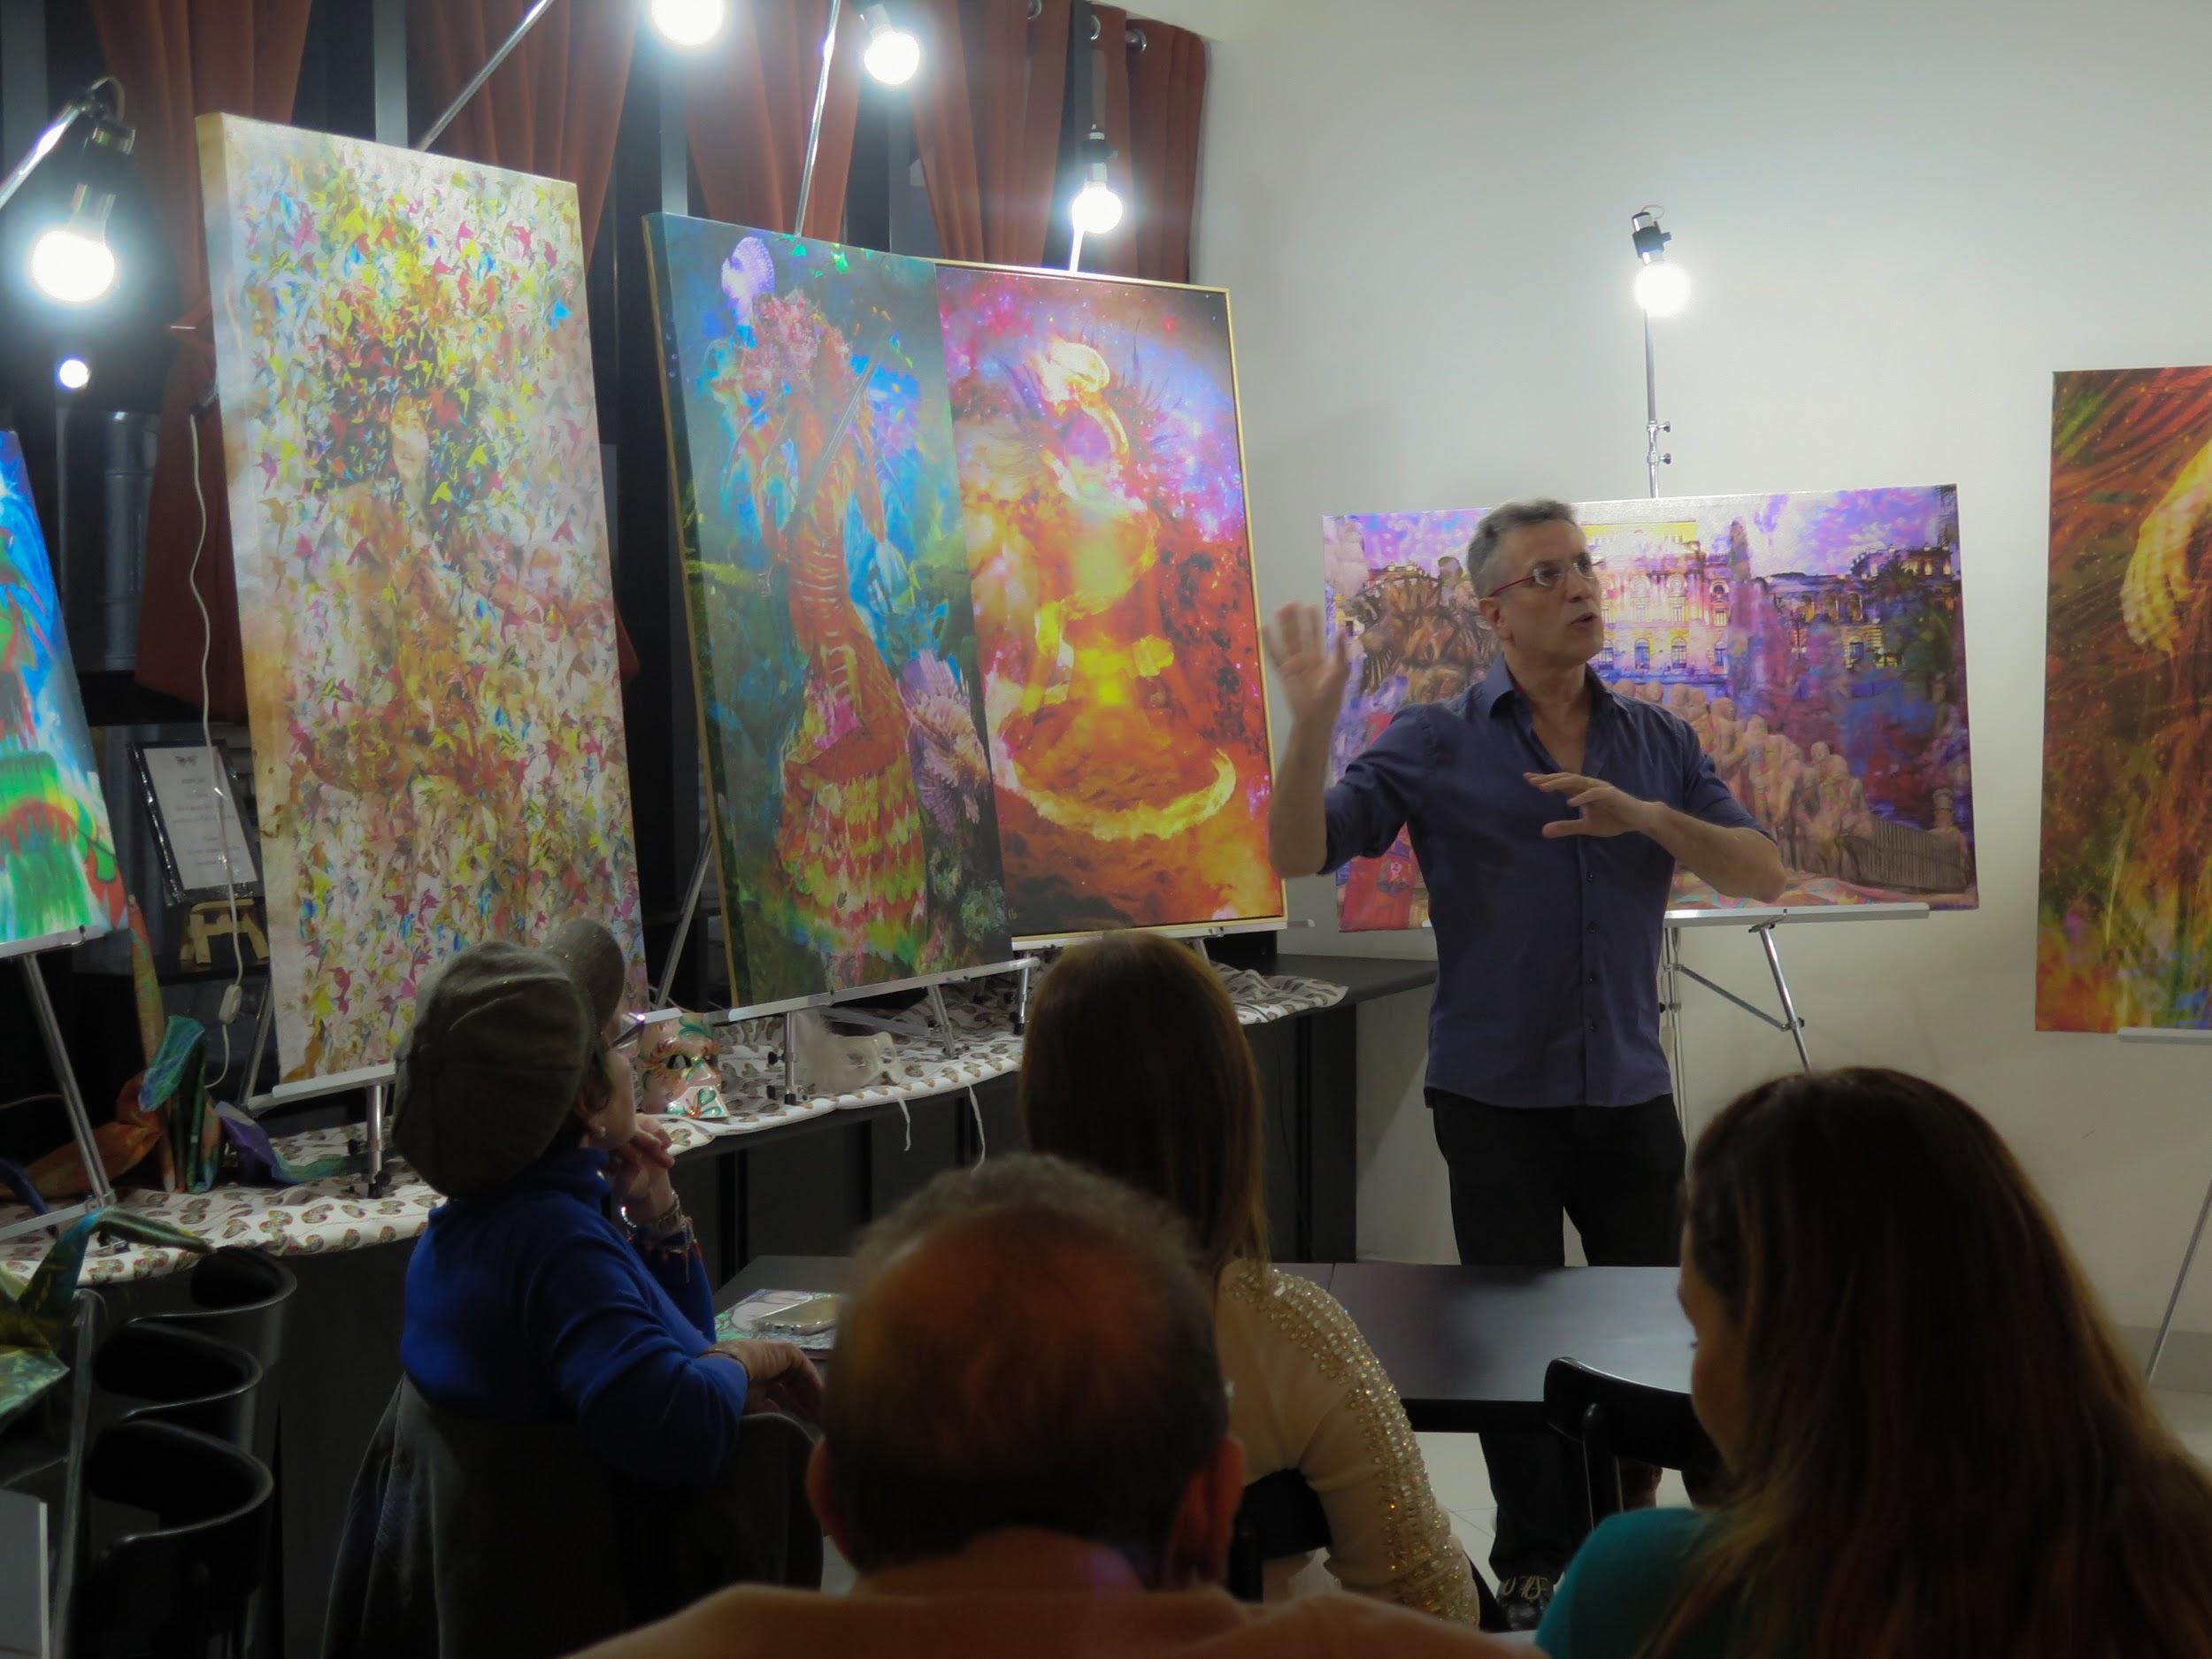 O Artista e Psicanalista Henrique Vieira Filho coordenando a vivência em que as pinturas atuam como espelho das emoções de quem as aprecia.